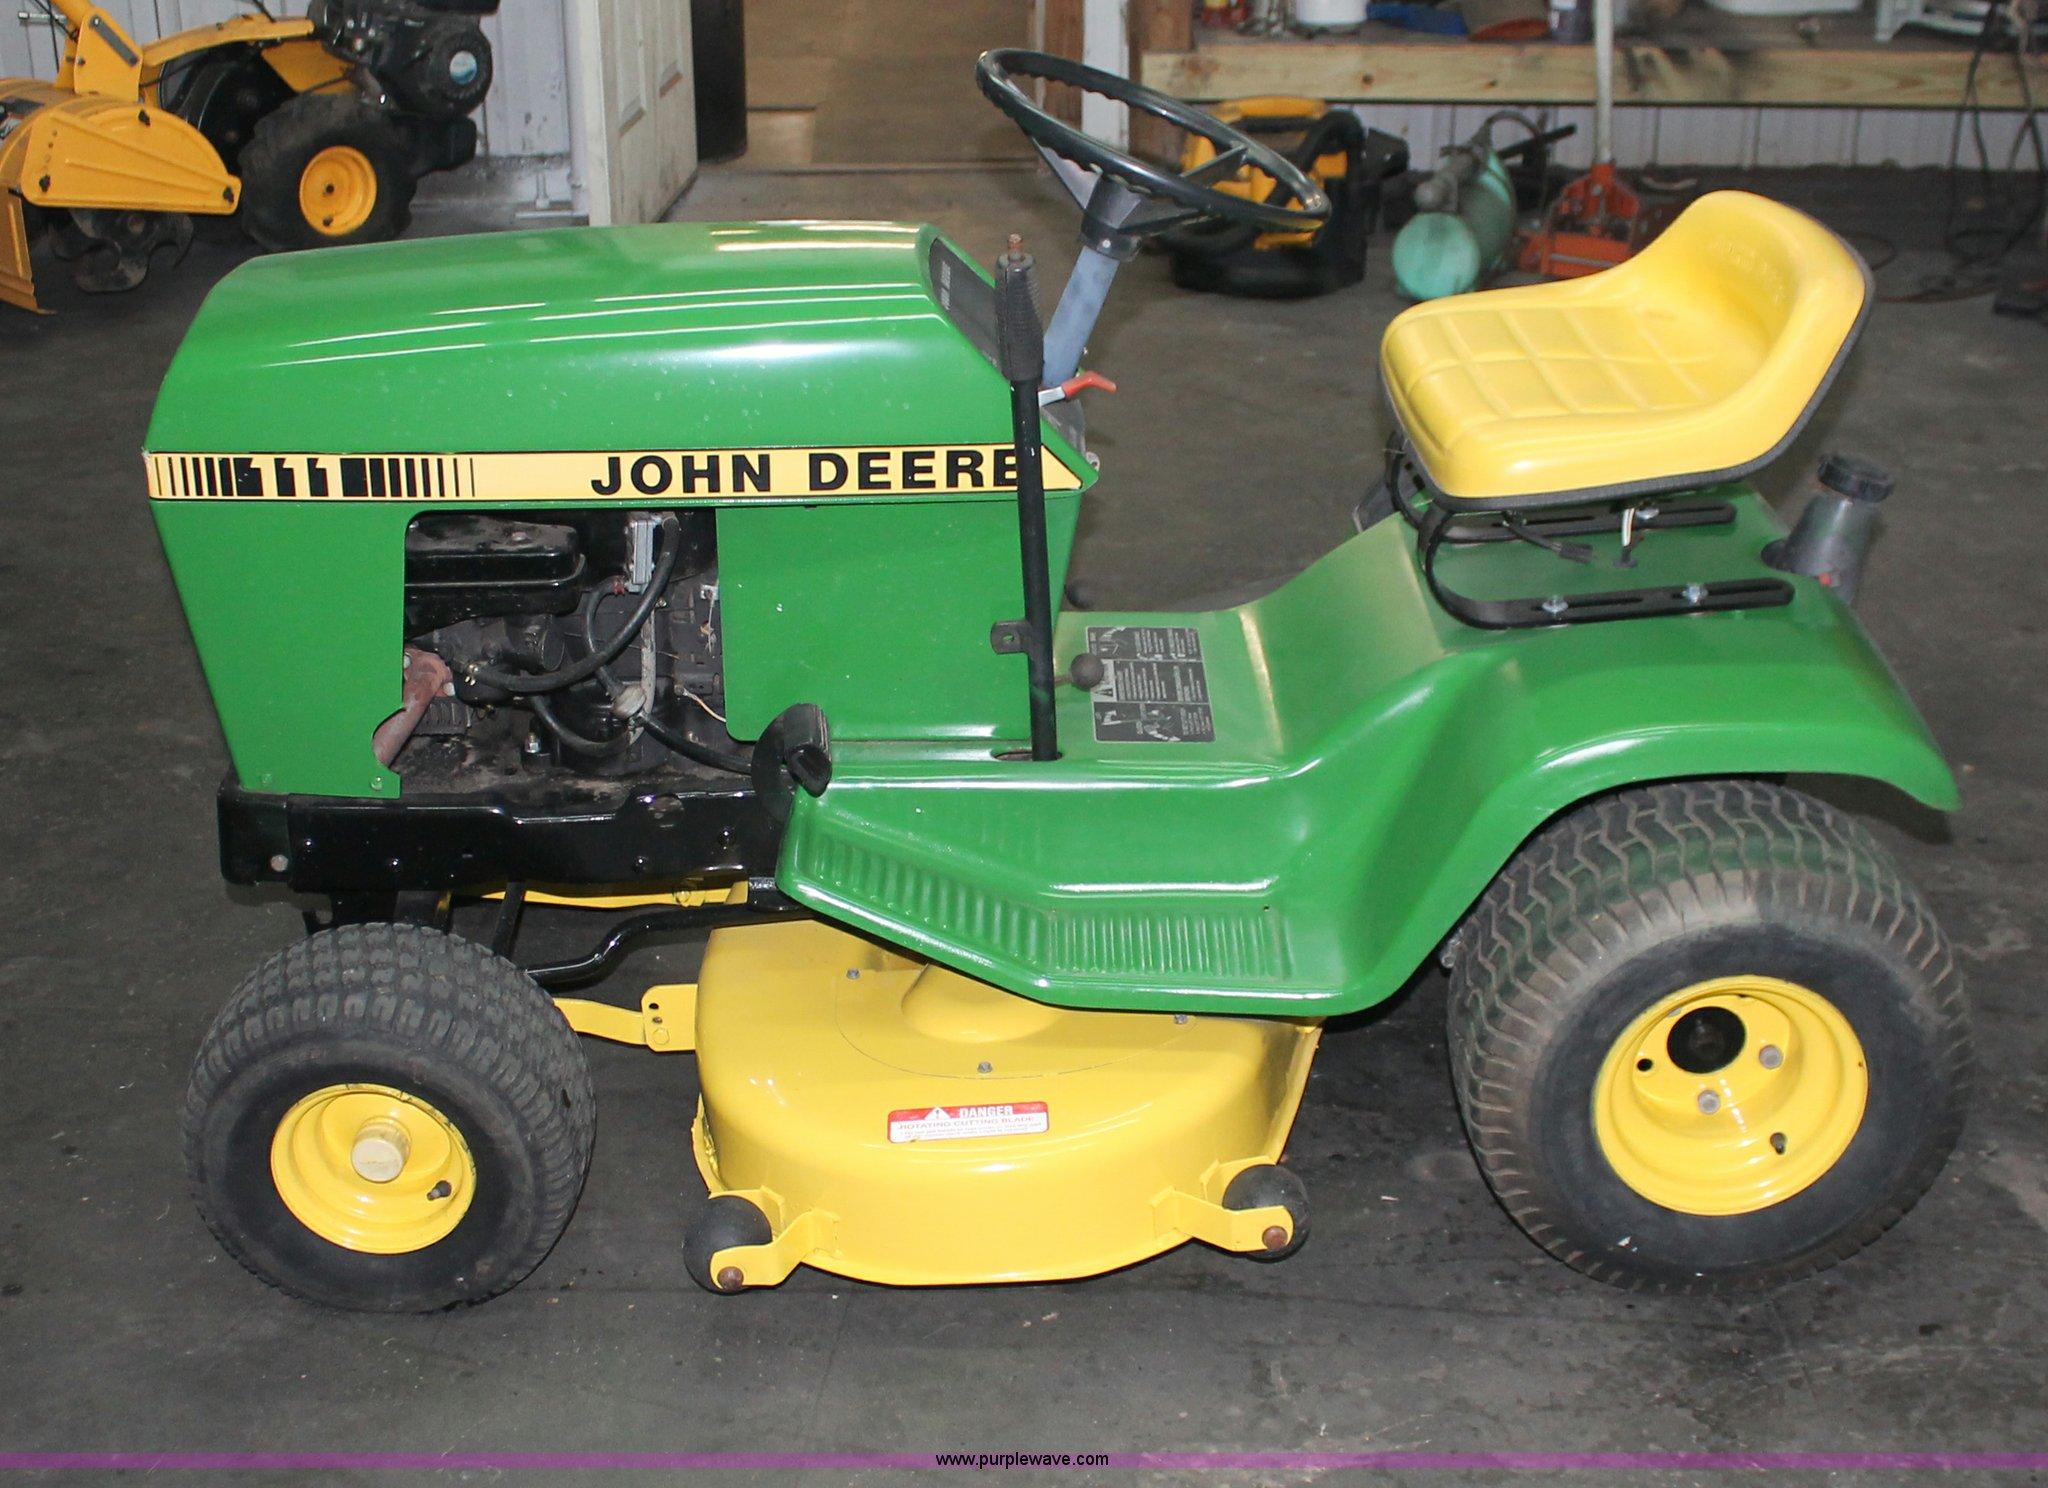 John Deere 111 lawn mower | Item V9245 | SOLD! Wednesday ...